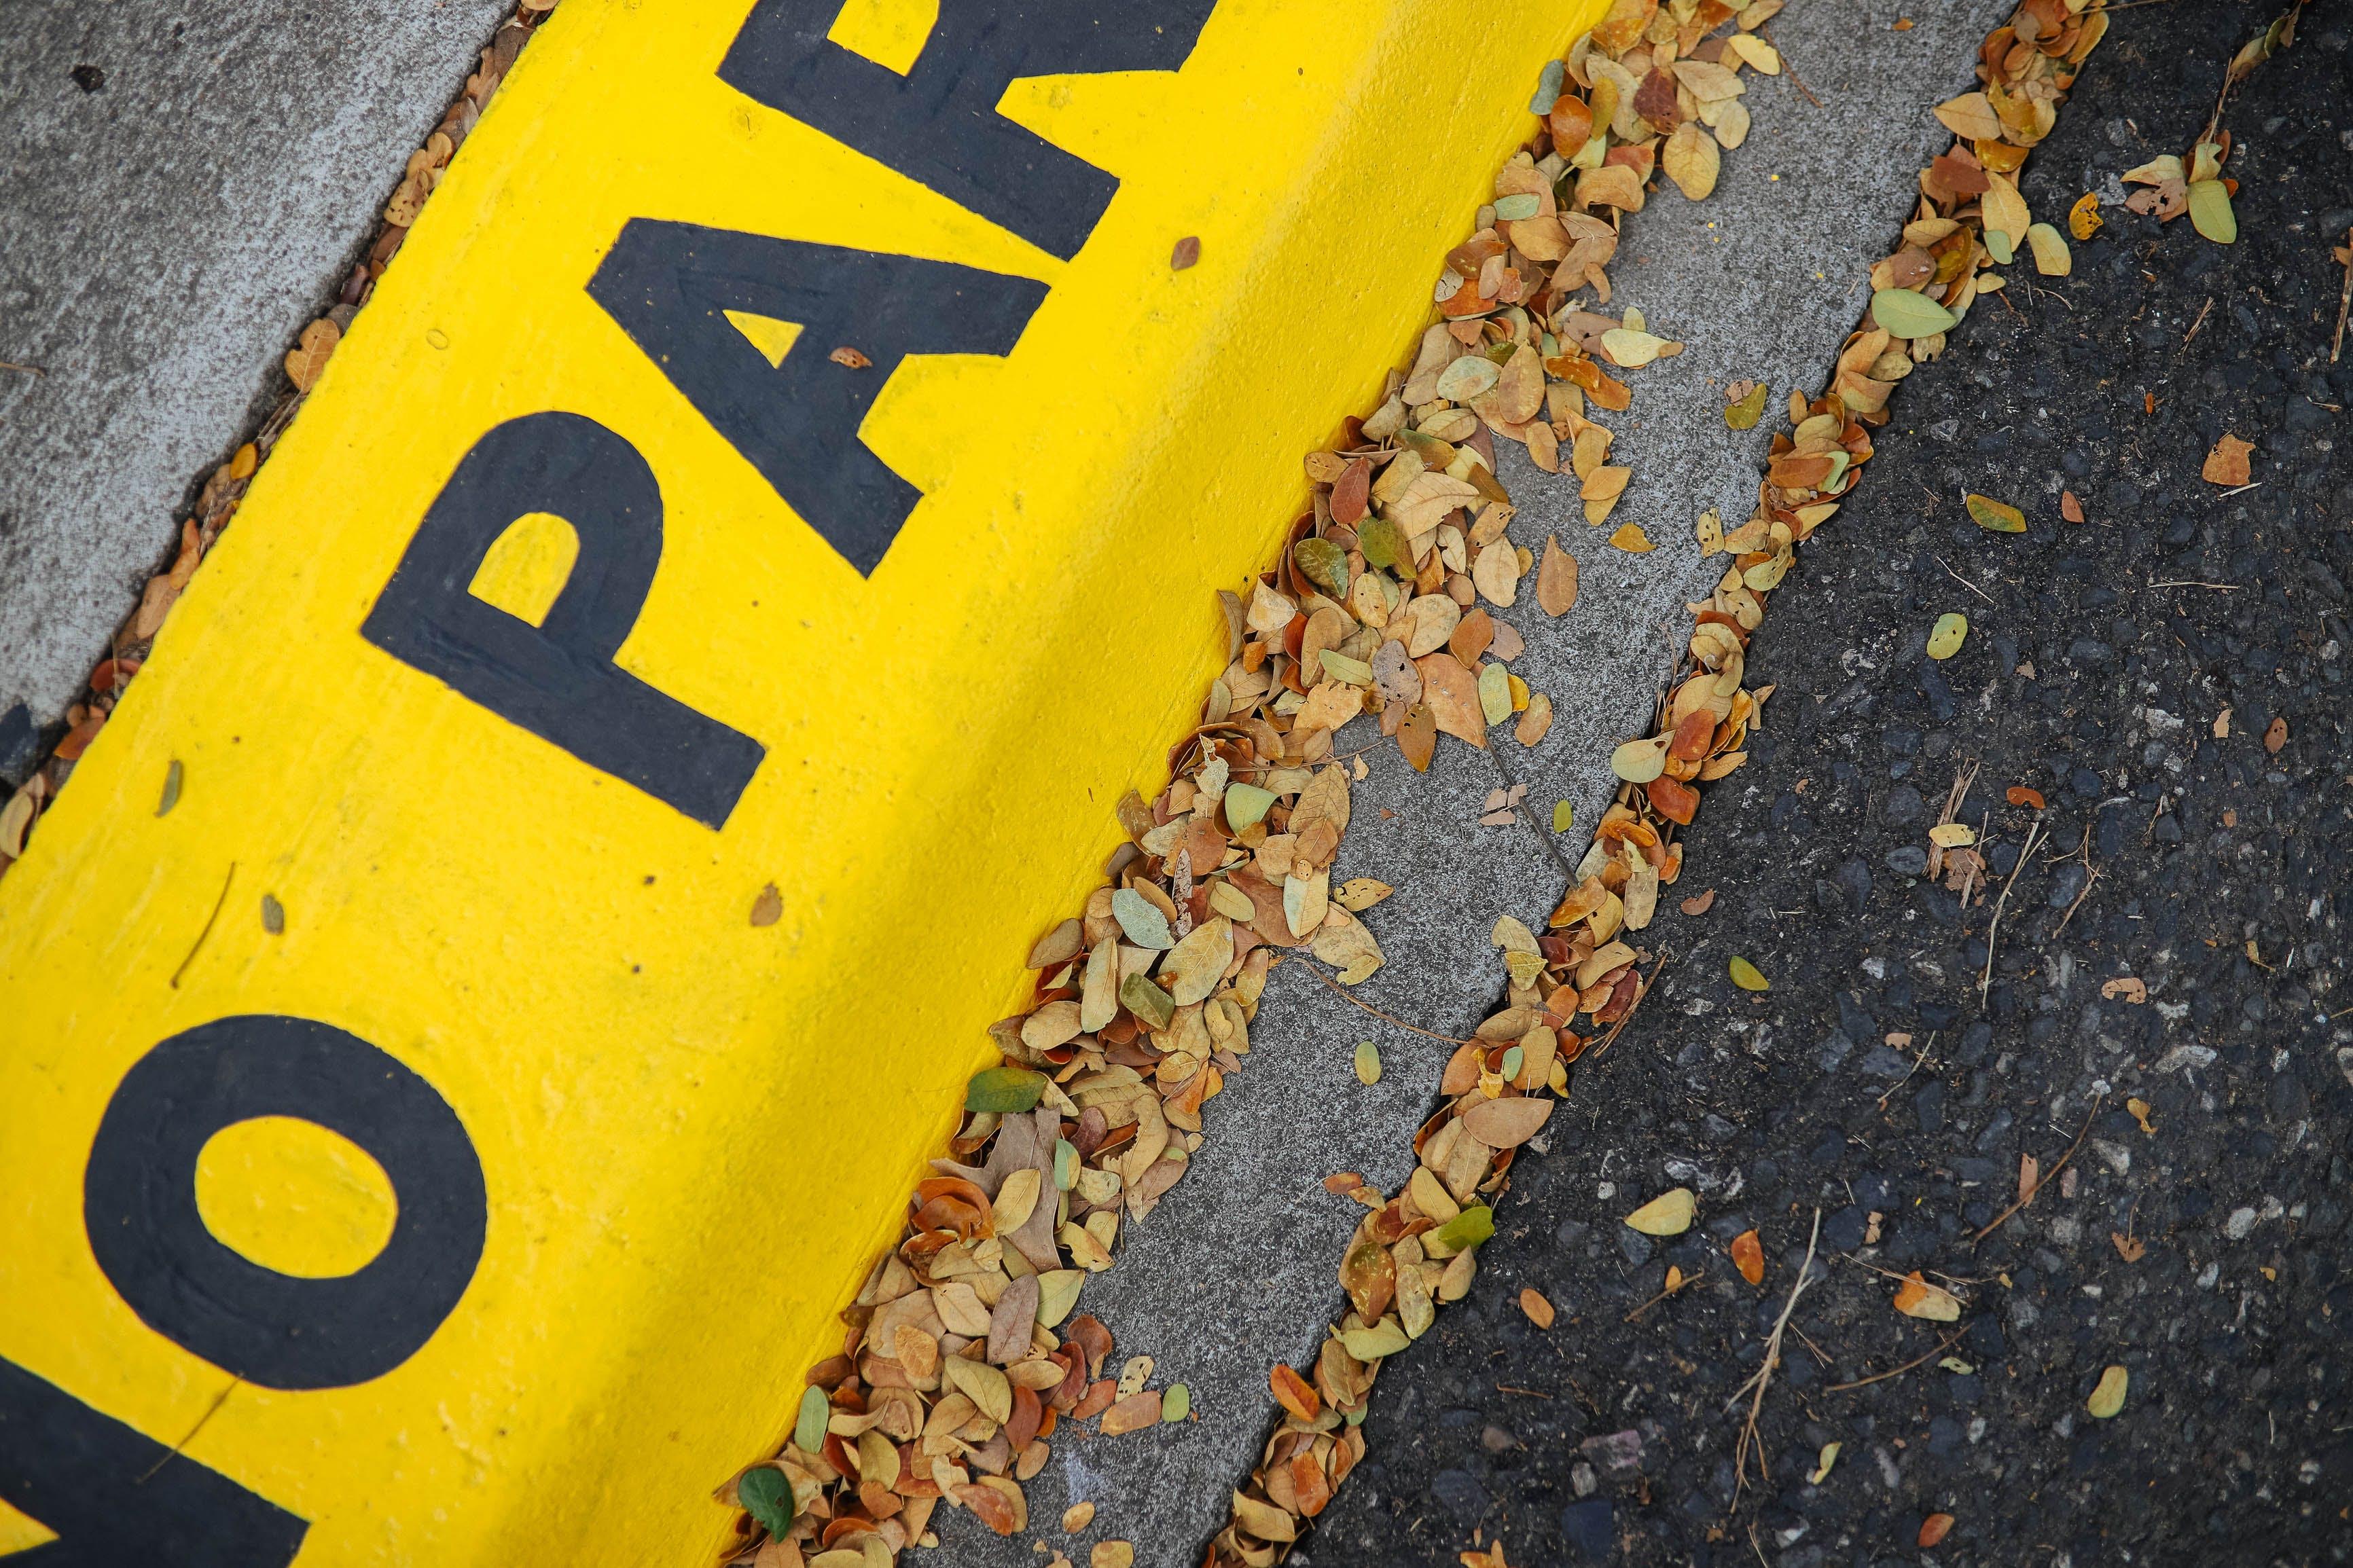 Yellow No Parking Pavement